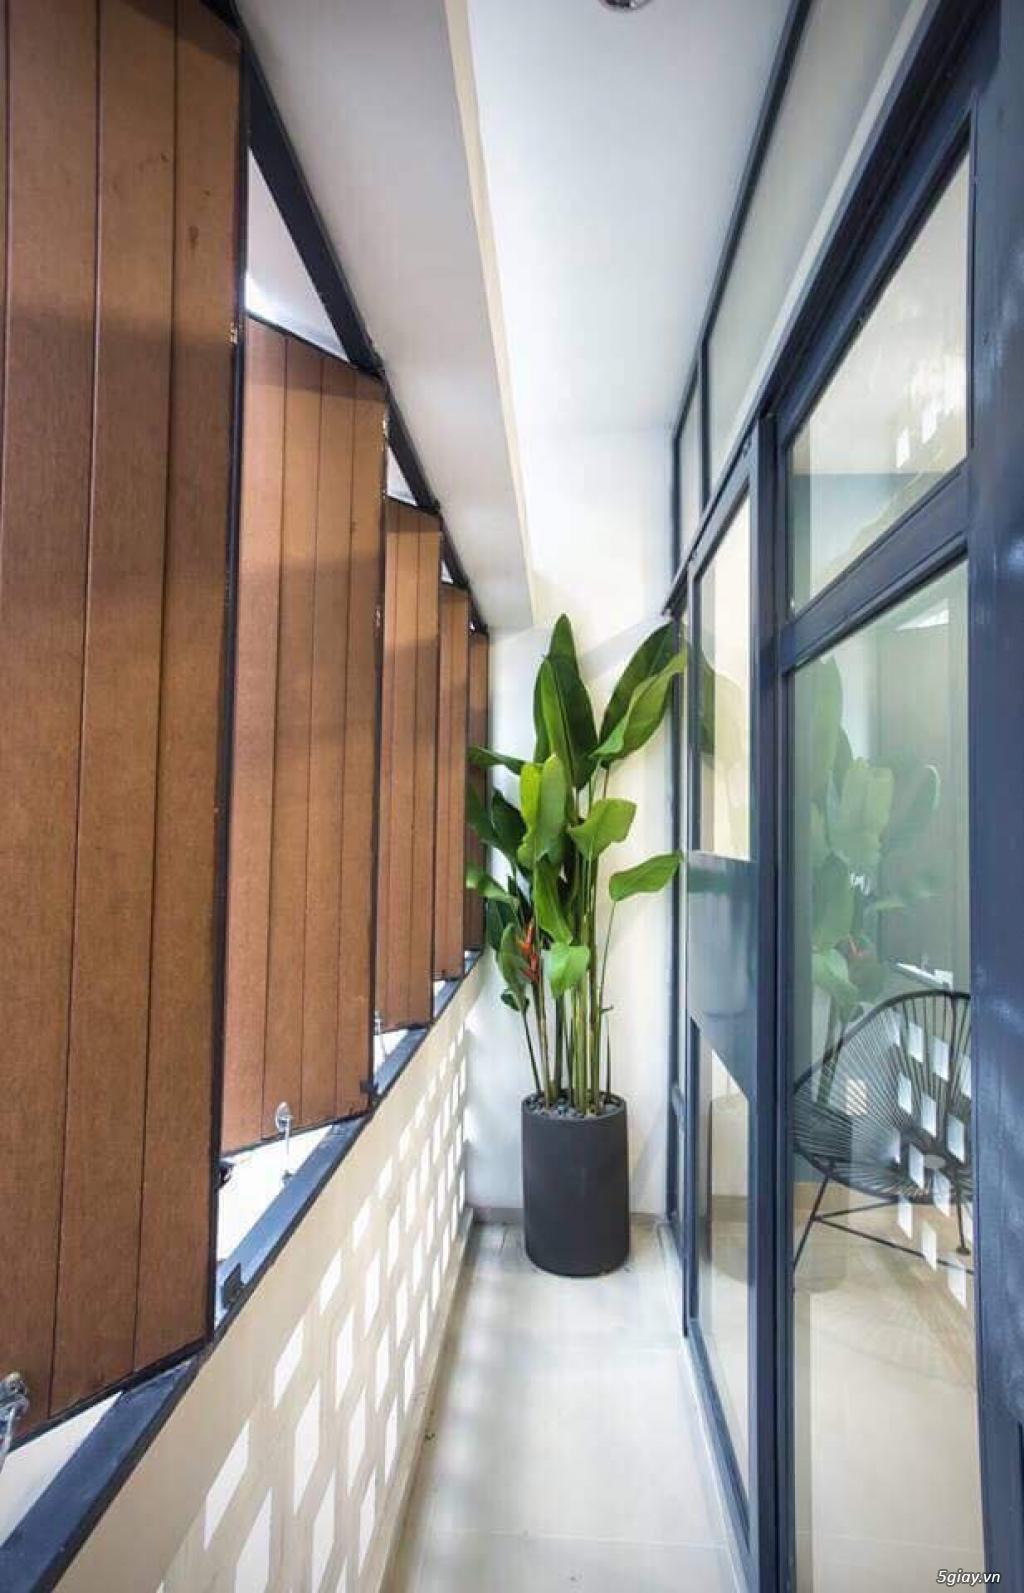 Bán nhà 1 trệt 3 lầu cực đẹp Linh Đông Thủ Đức giá 3 tỷ 8 - 6